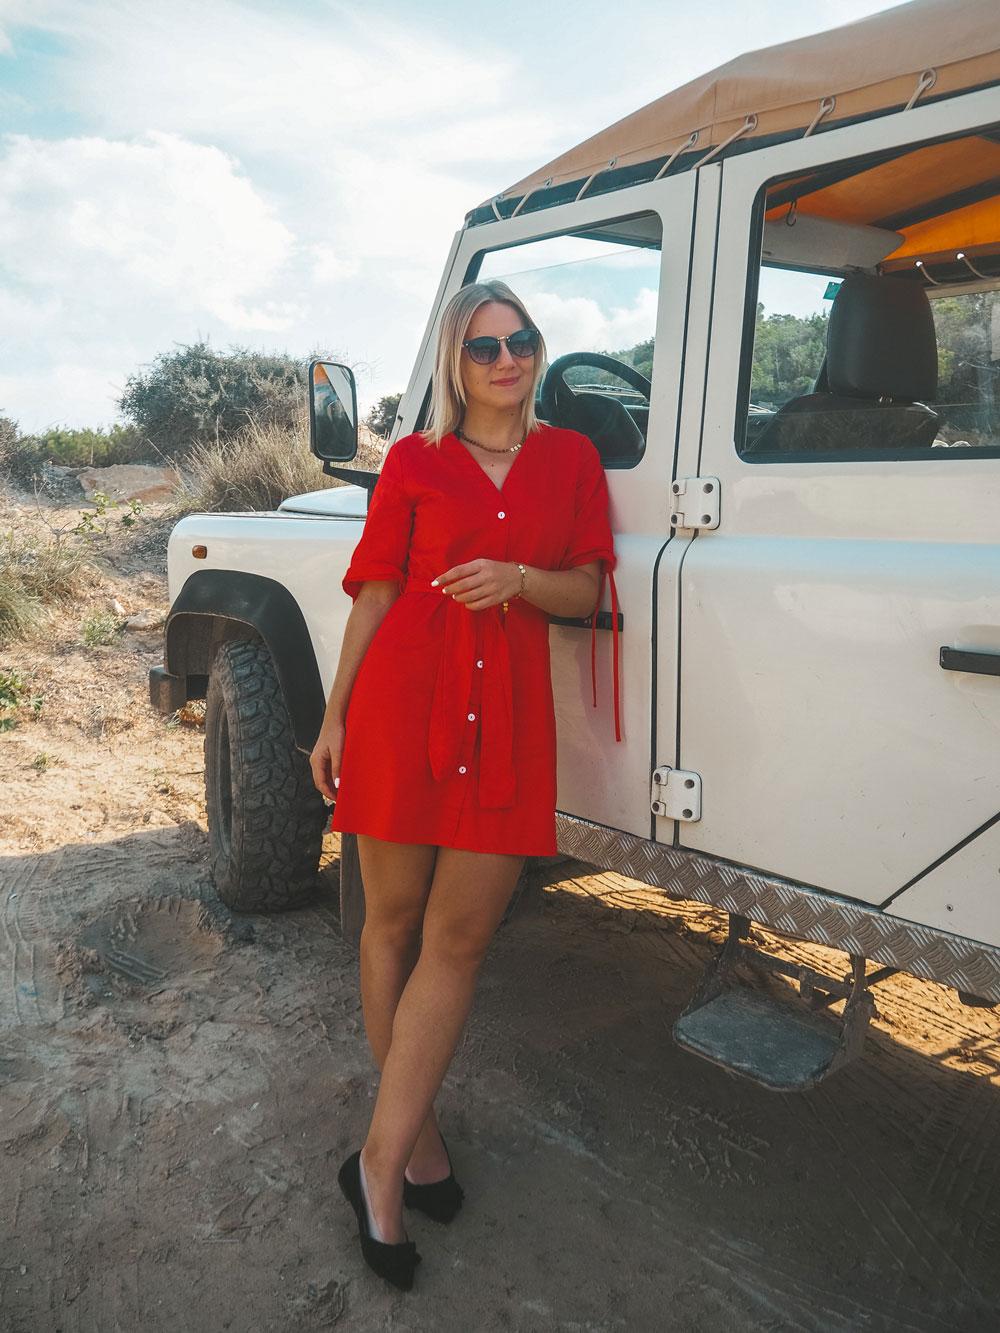 Ibiza im Oktober: So schön ist Ibiza in der Nebensaison - Jeep-Tour auf Ibiza